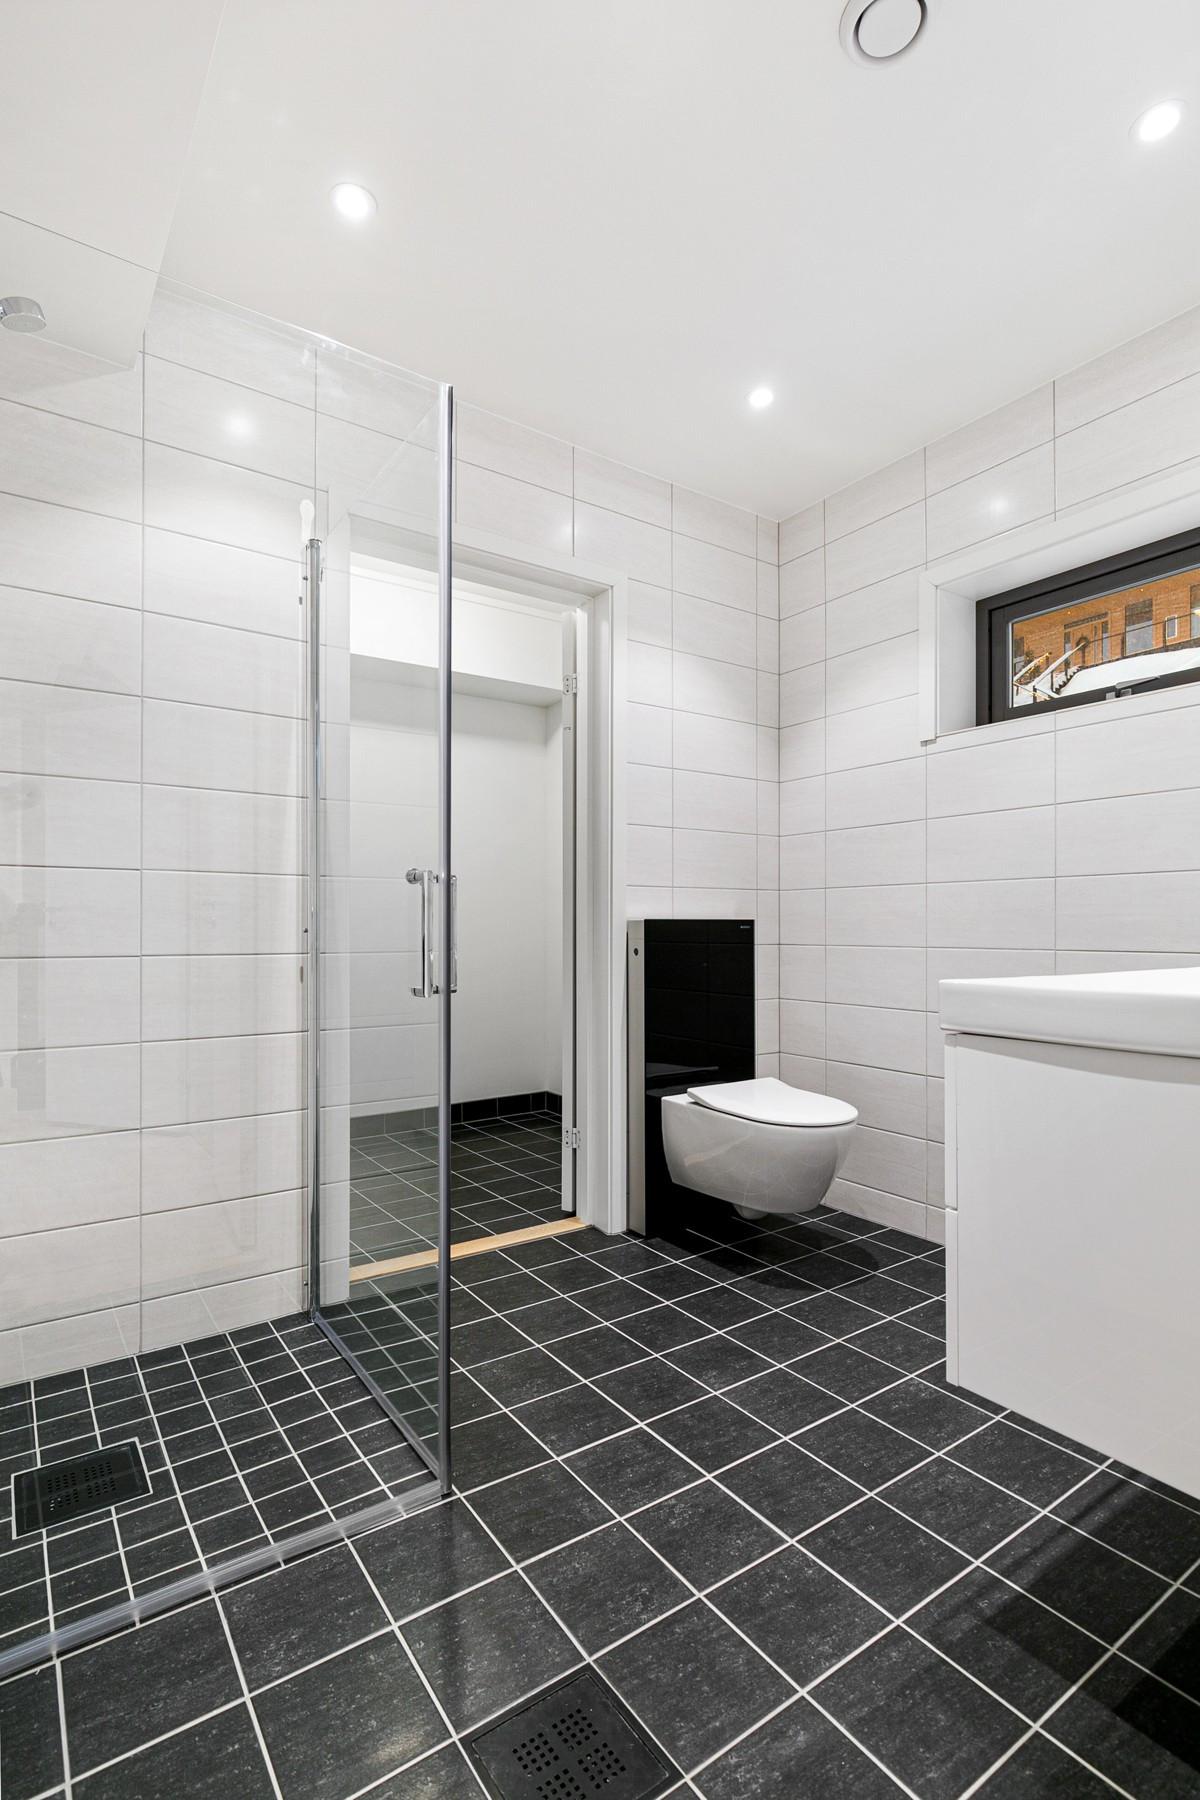 Vaskerom ligger praktisk plassert innenfor bad i 1. etasje